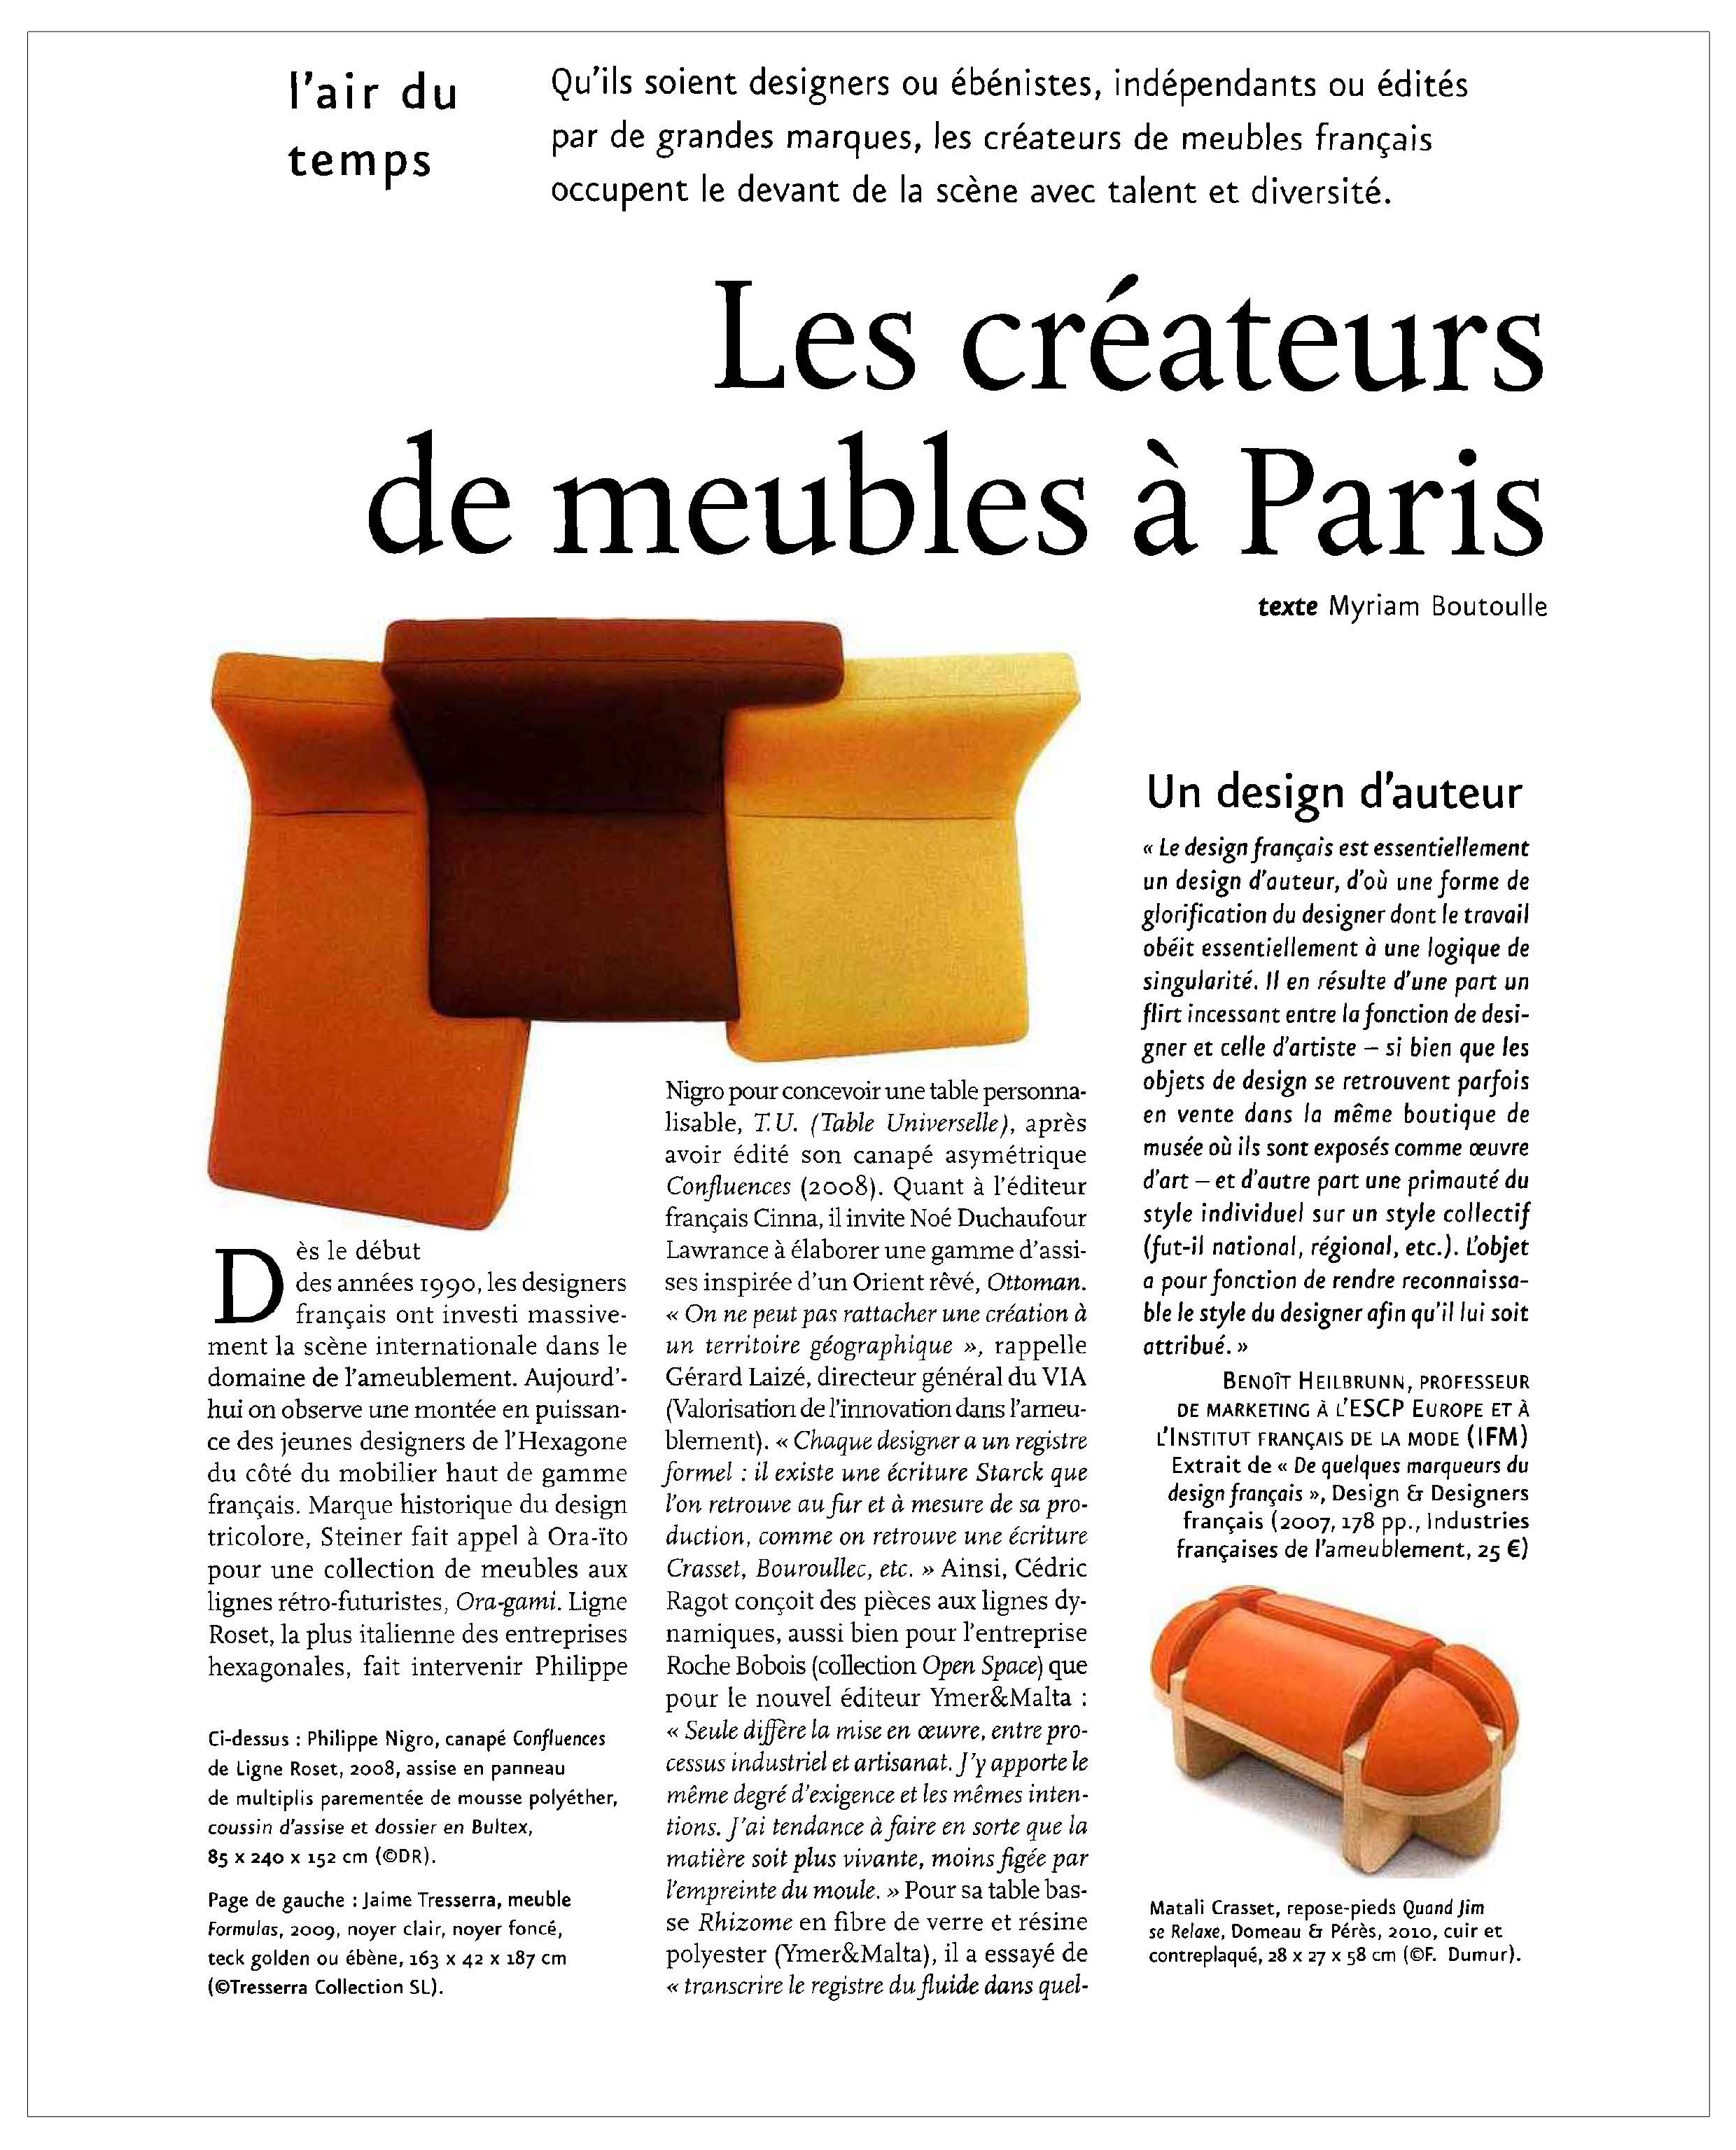 Ludovic AVENEL : ébéniste créateur Paris - Ludovic_Avenel_press_connaissance_des_arts_ebeniste_créateur_design_sur mesure_3